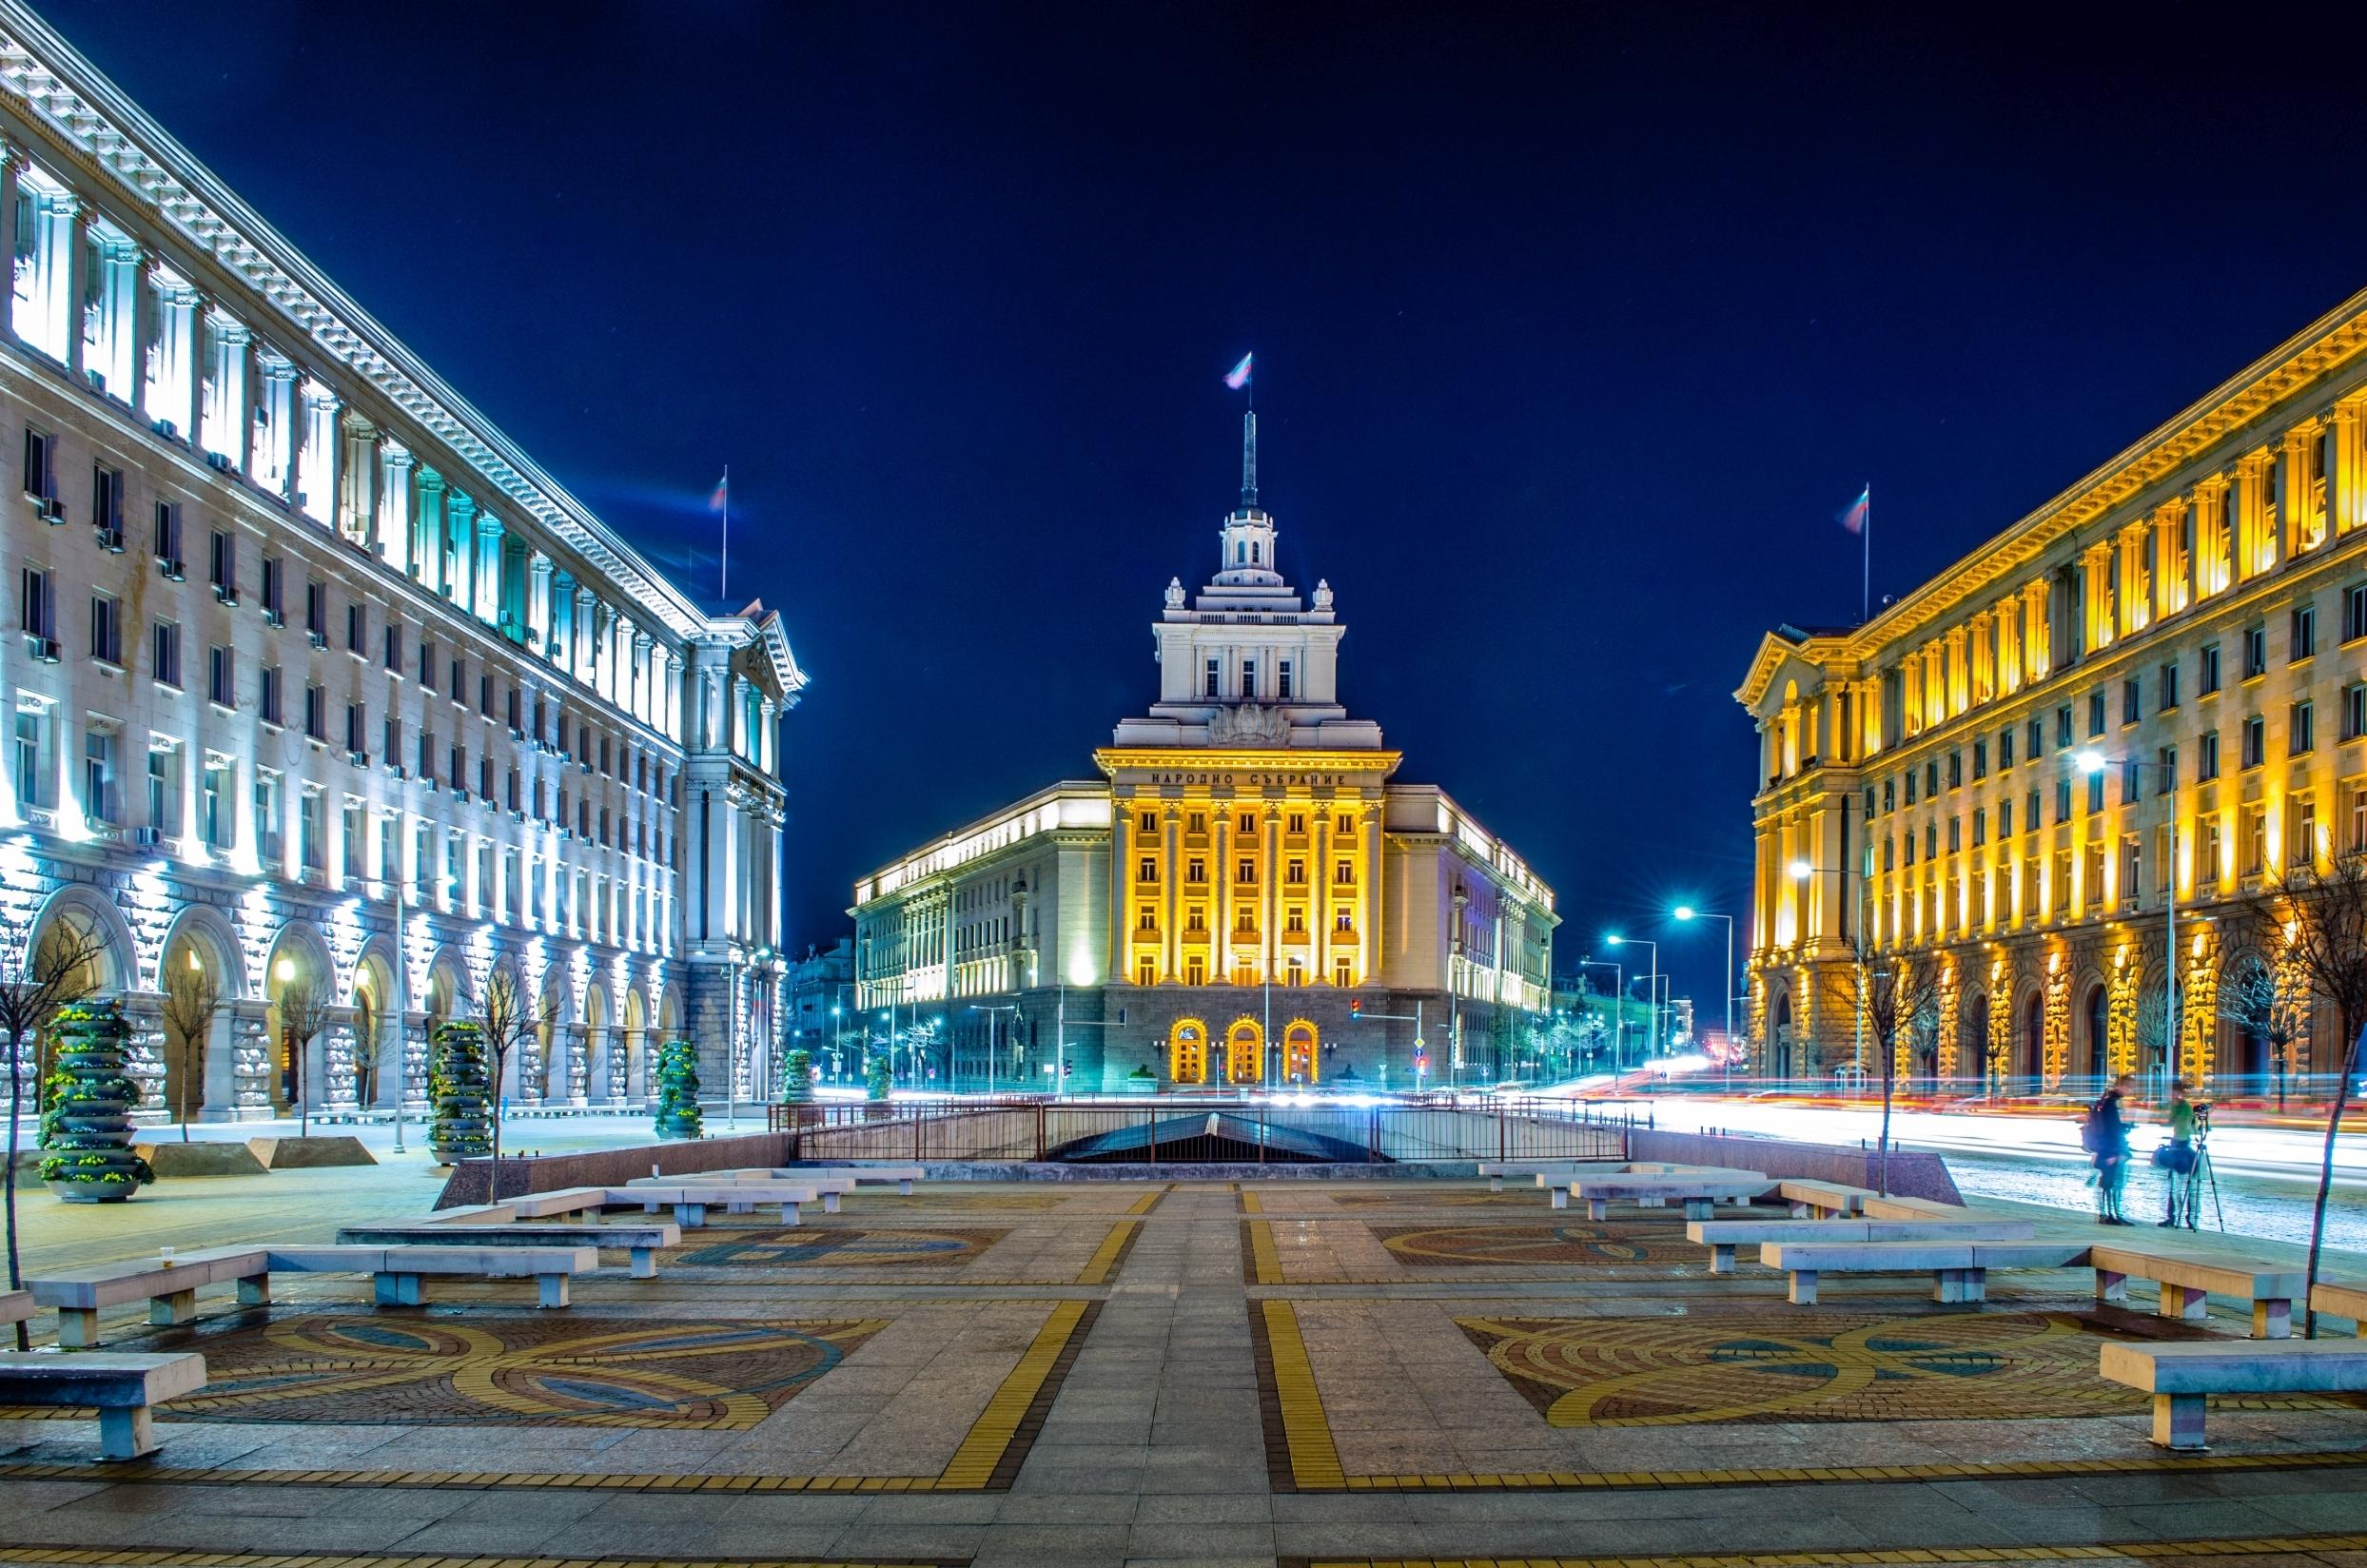 La catedral de Alexander Nevski, la iglesia ortodoxa más grande del mundo - Bulgaria Circuito Bulgaria artística